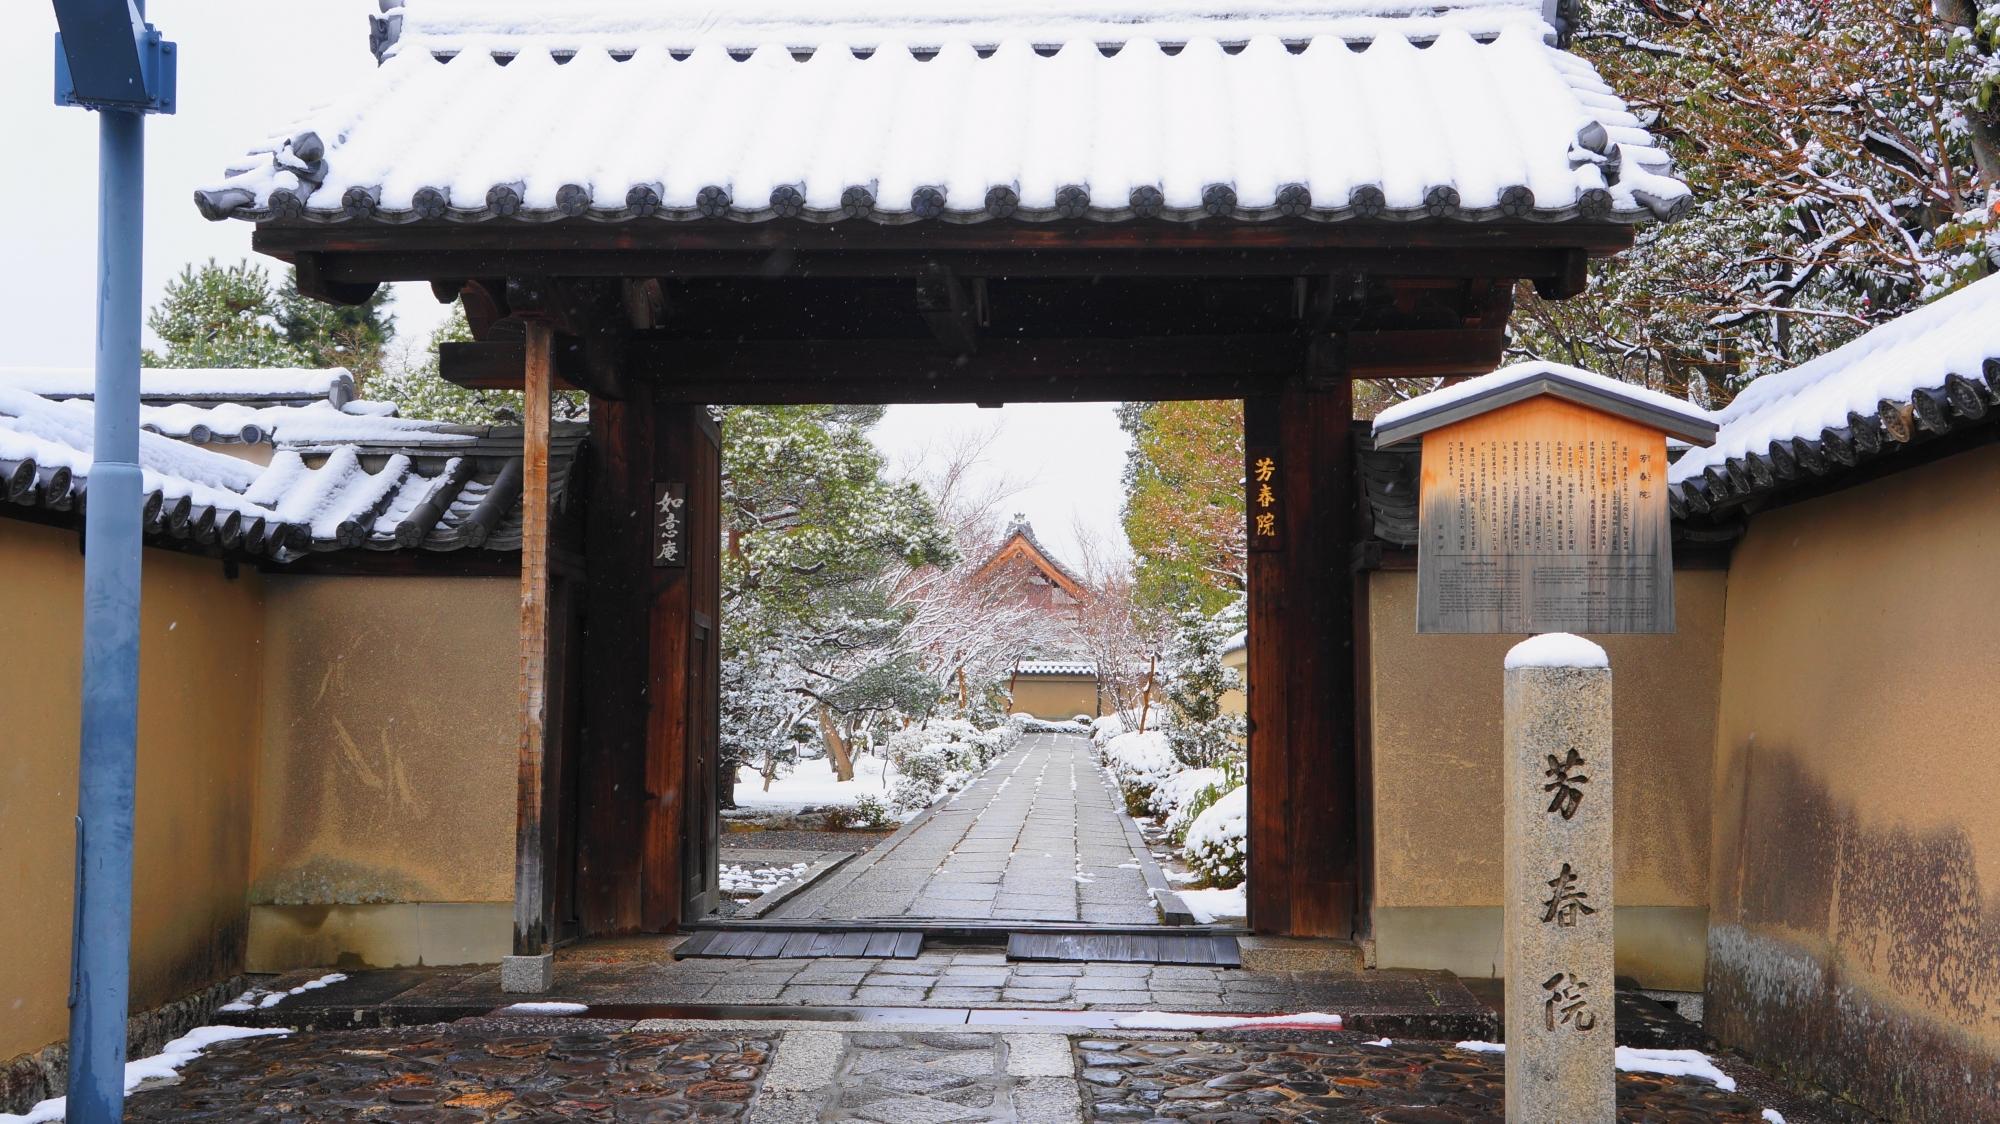 芳春院の表門の雪景色